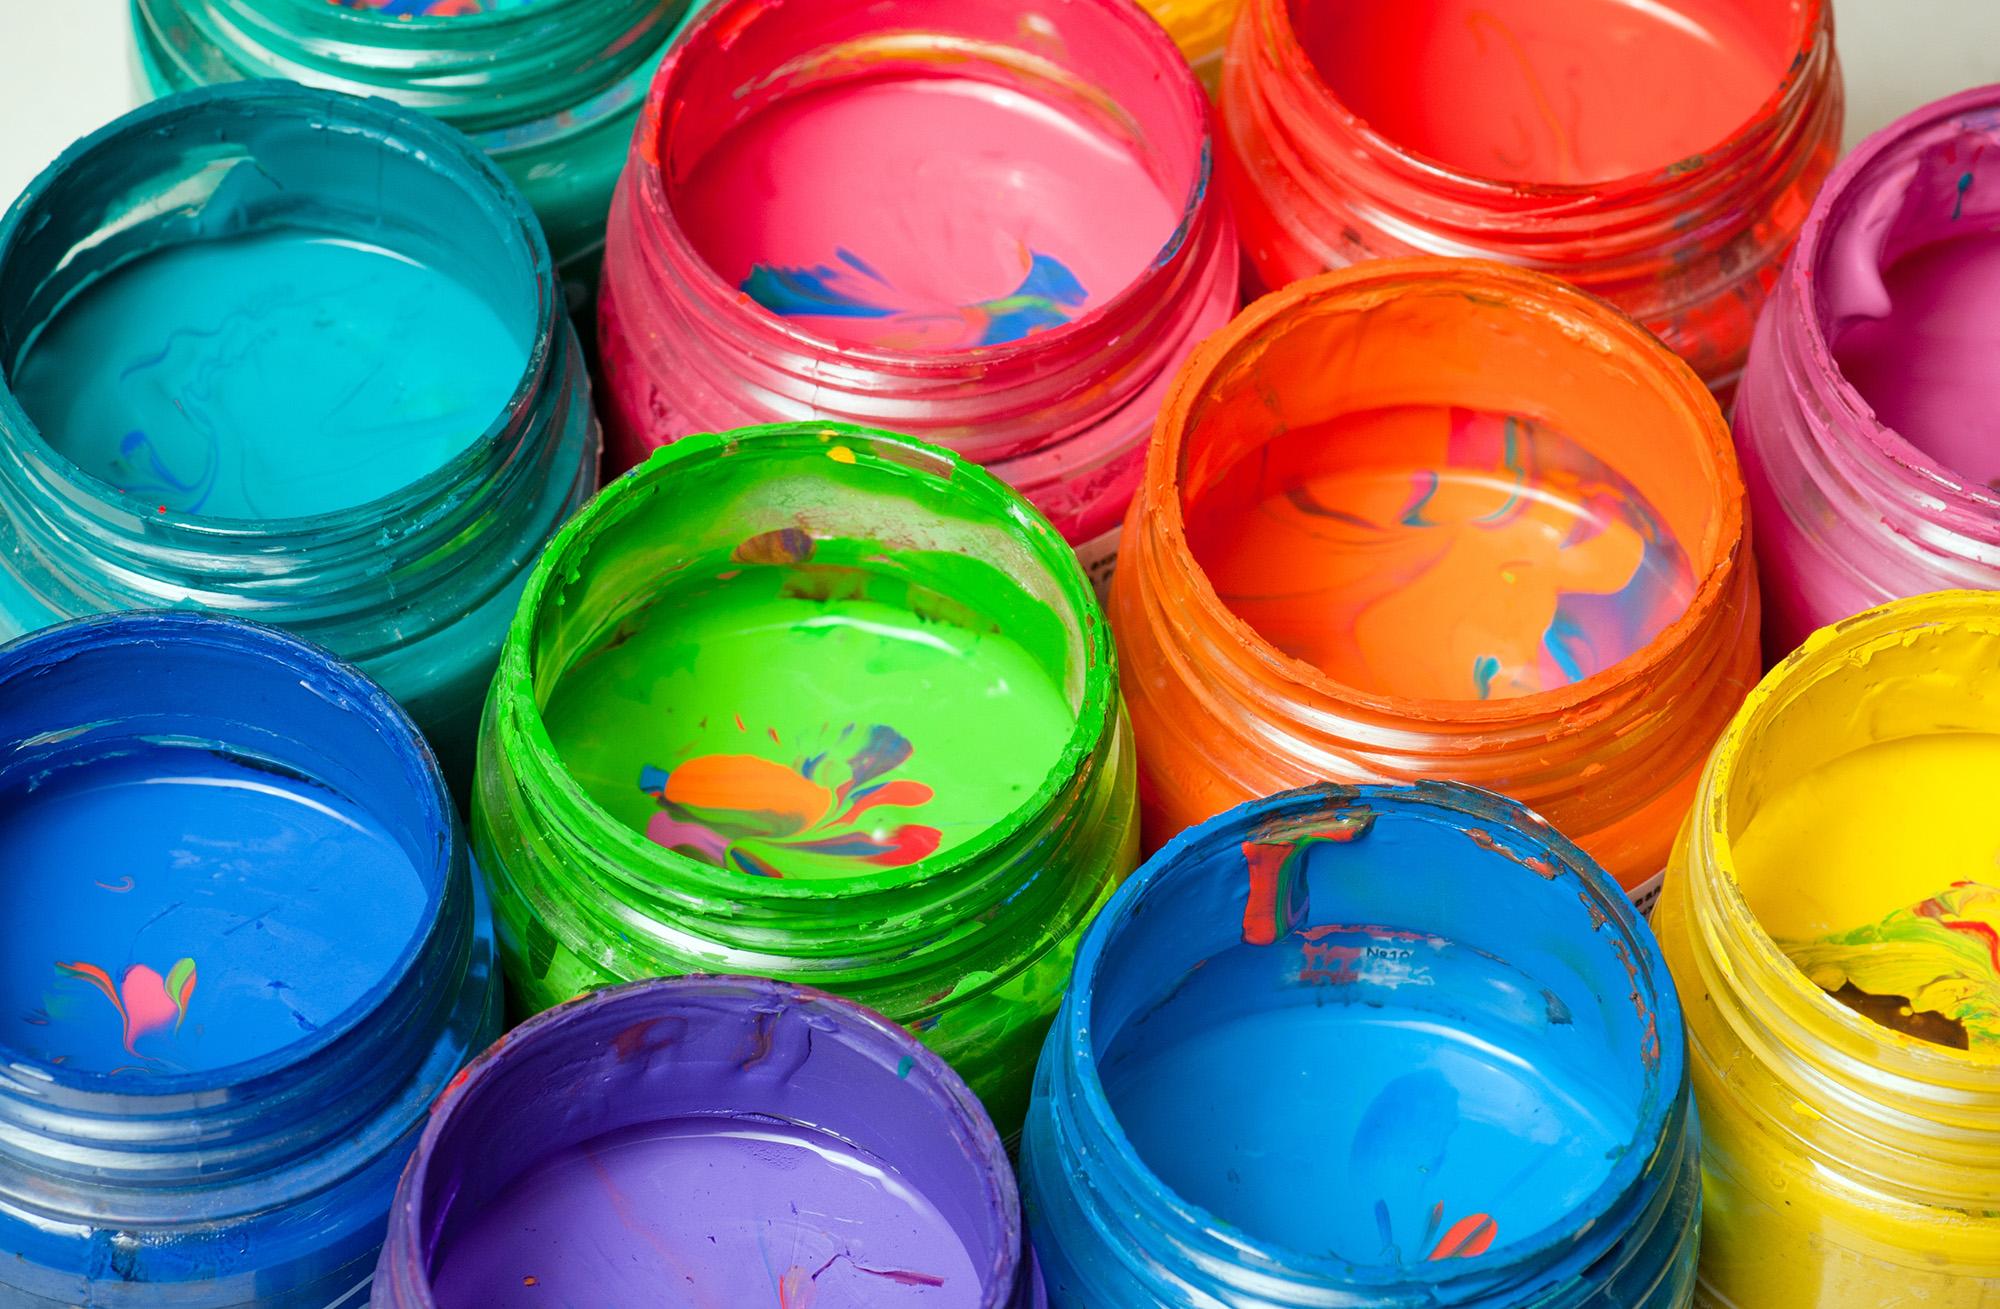 paintcolorsinthetubesjpg